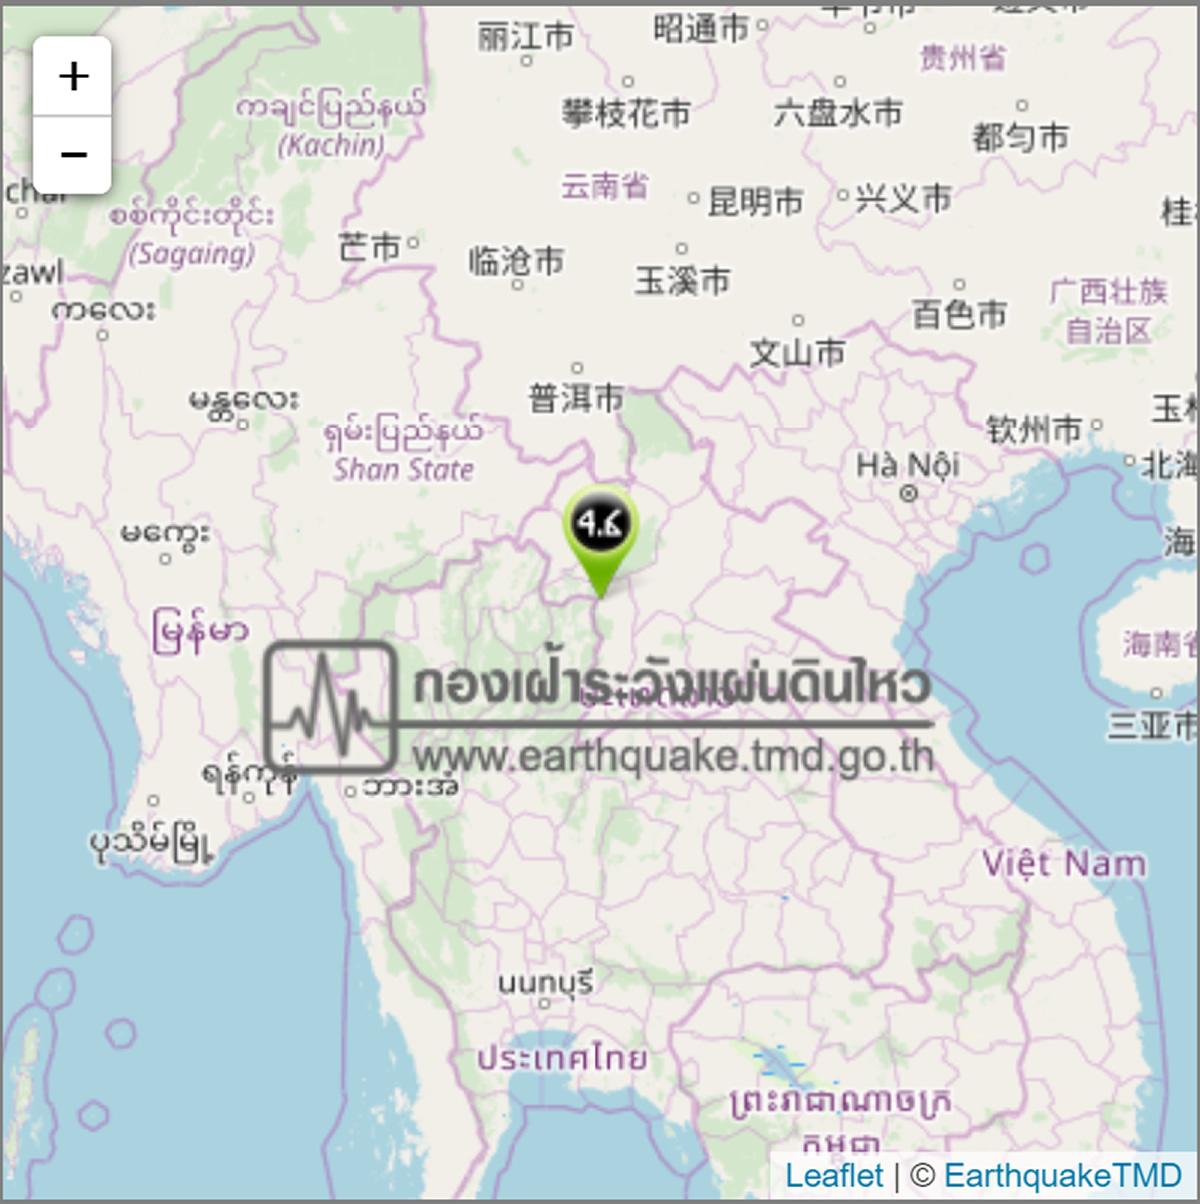 ラオス・タイ国境付近でM4.6の地震、震源の深さは3キロ